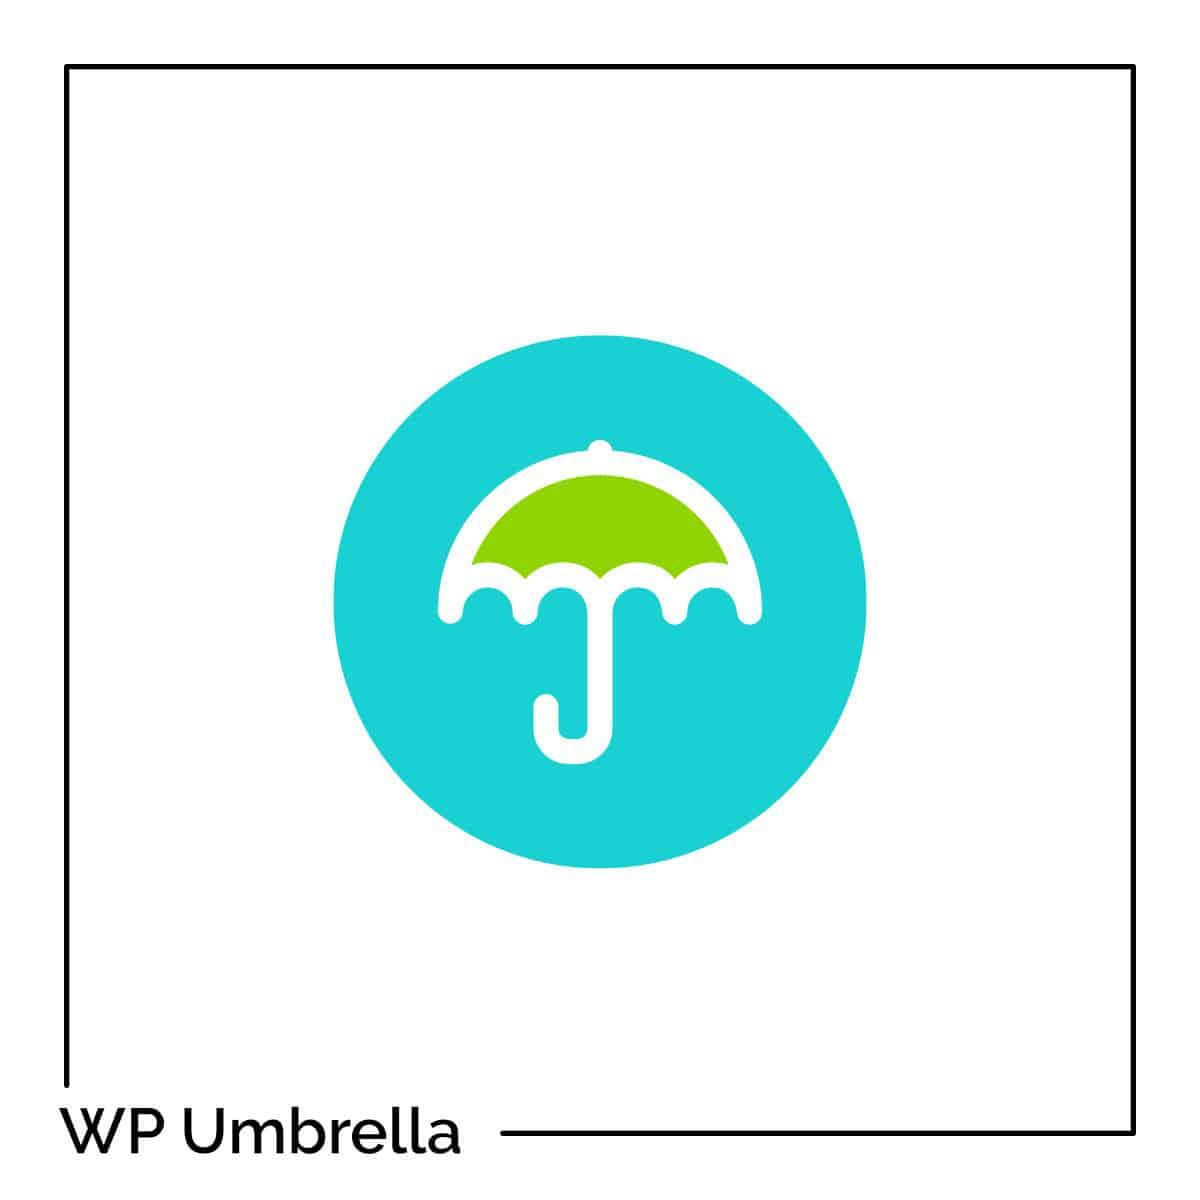 Extension WP Umbrella